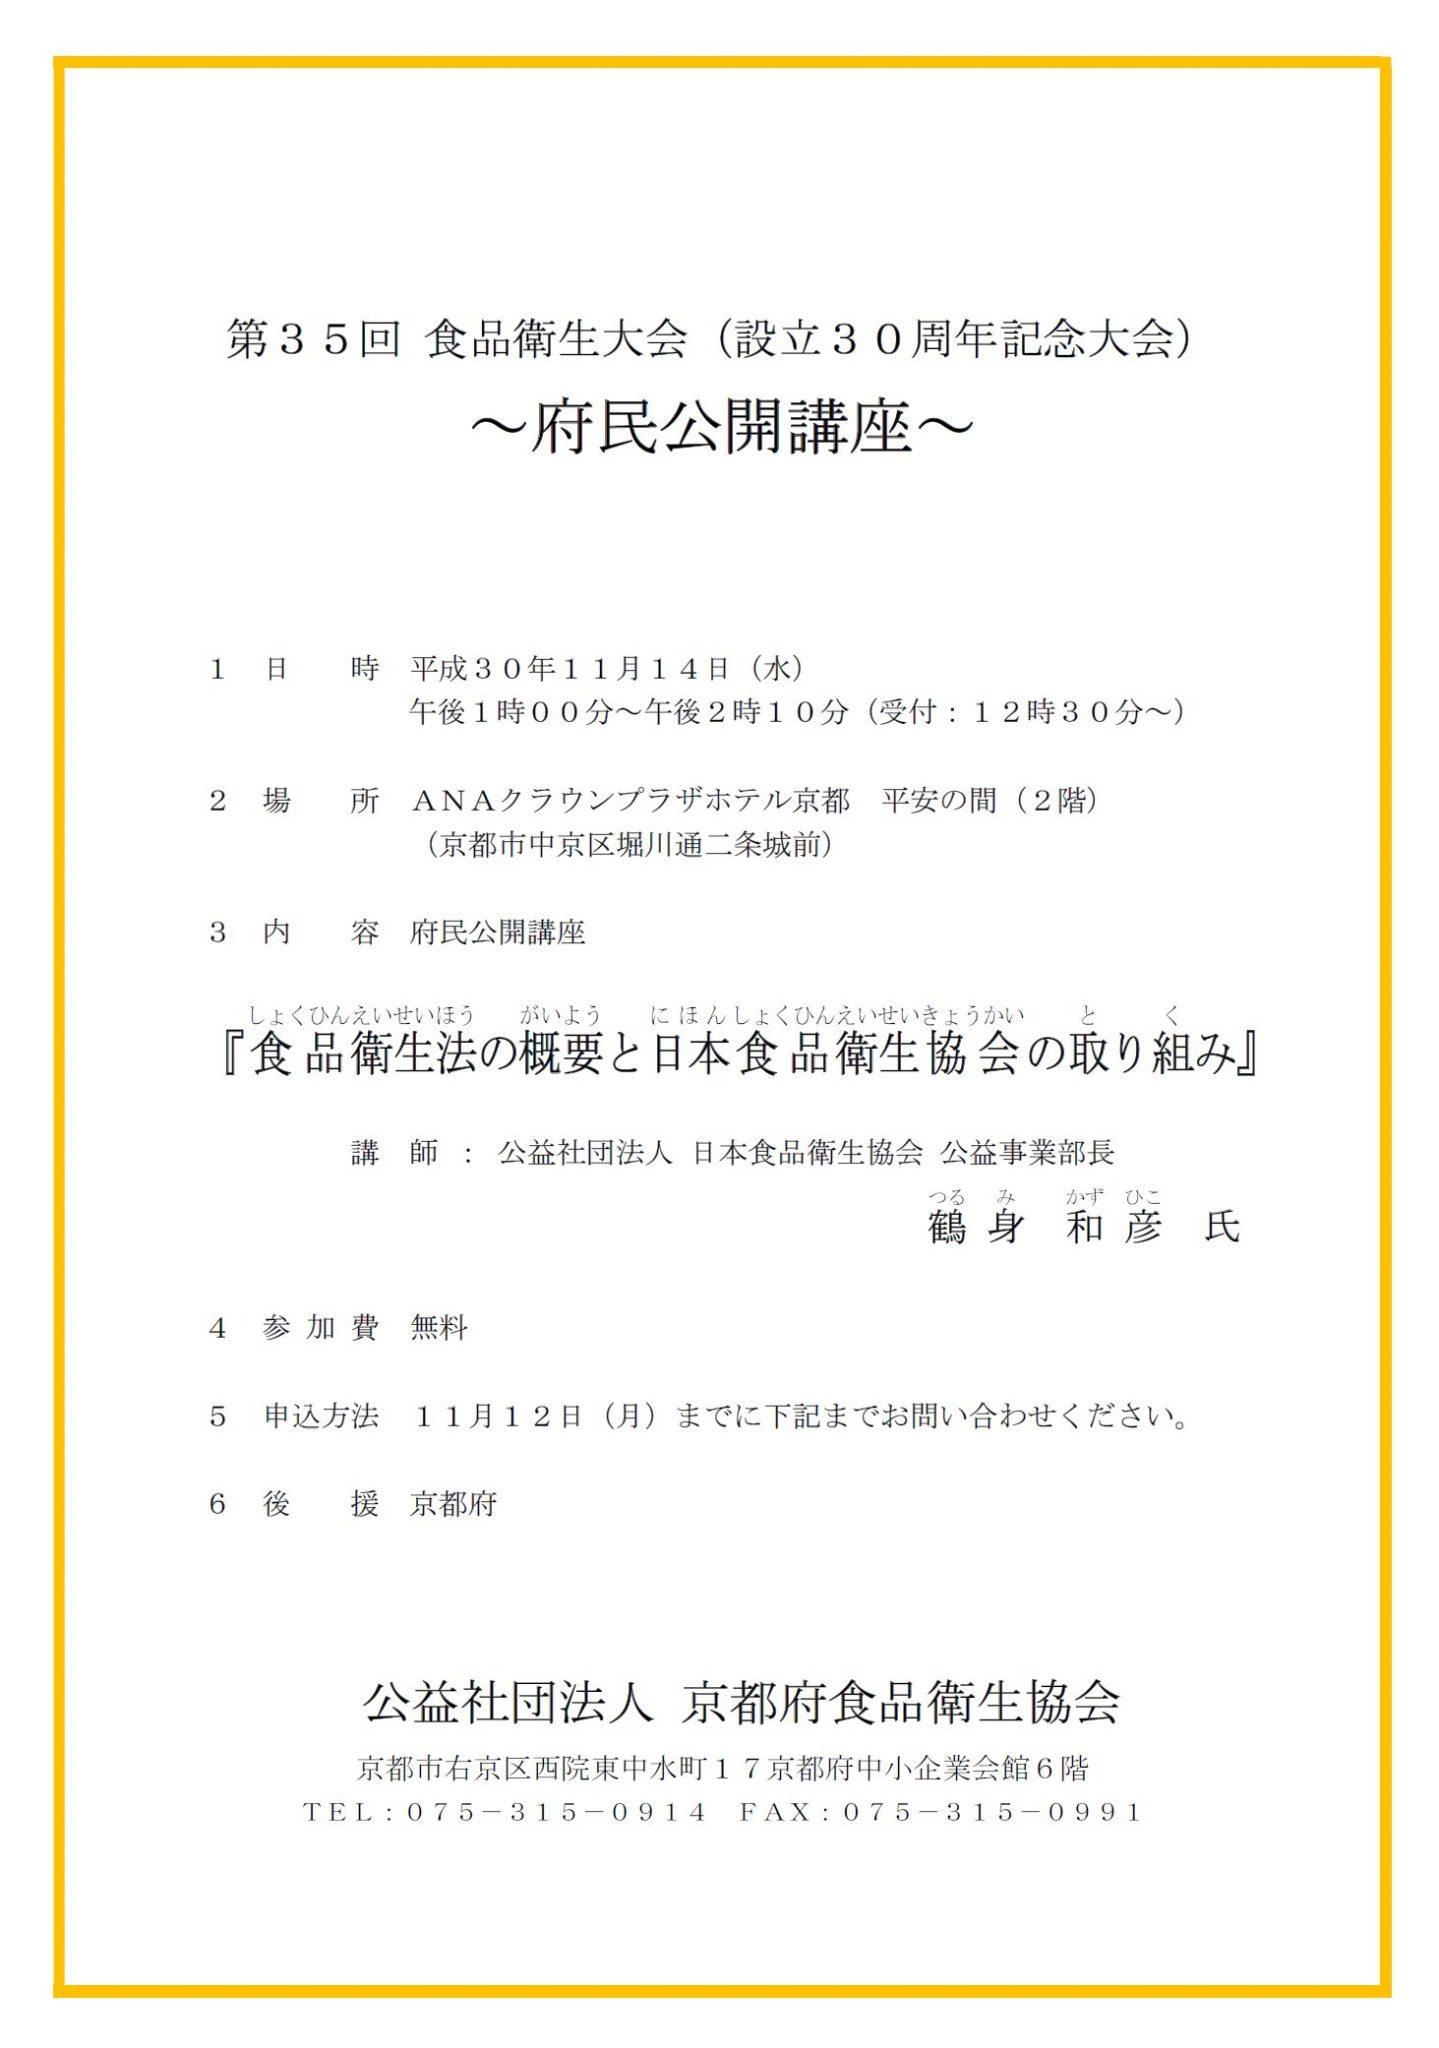 府民公開講座(HACCP)